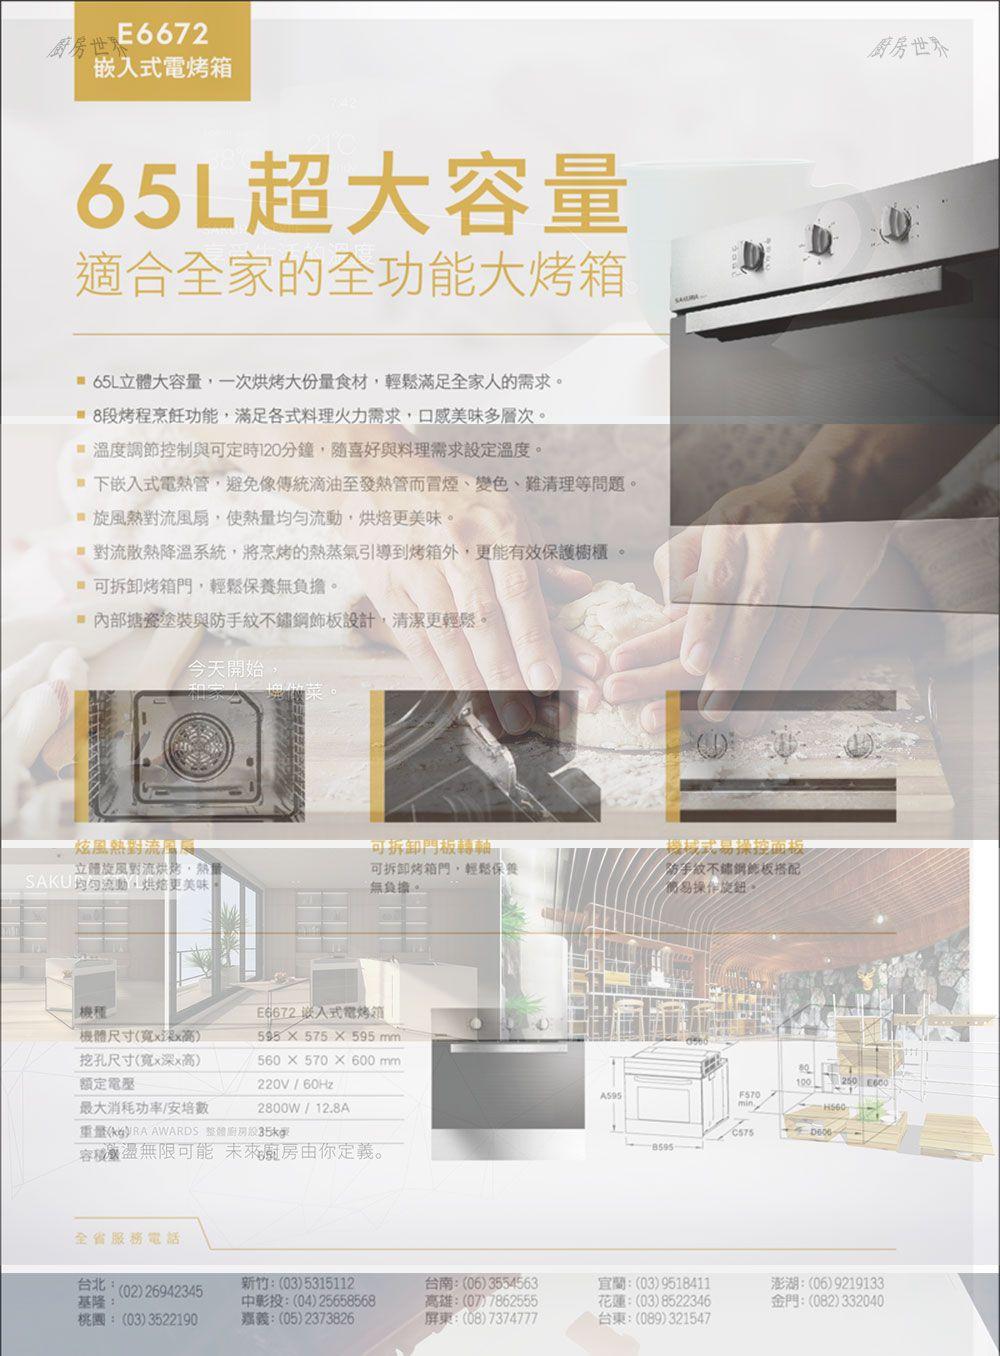 PK/goods/Oven/E6672-DM-2.jpg